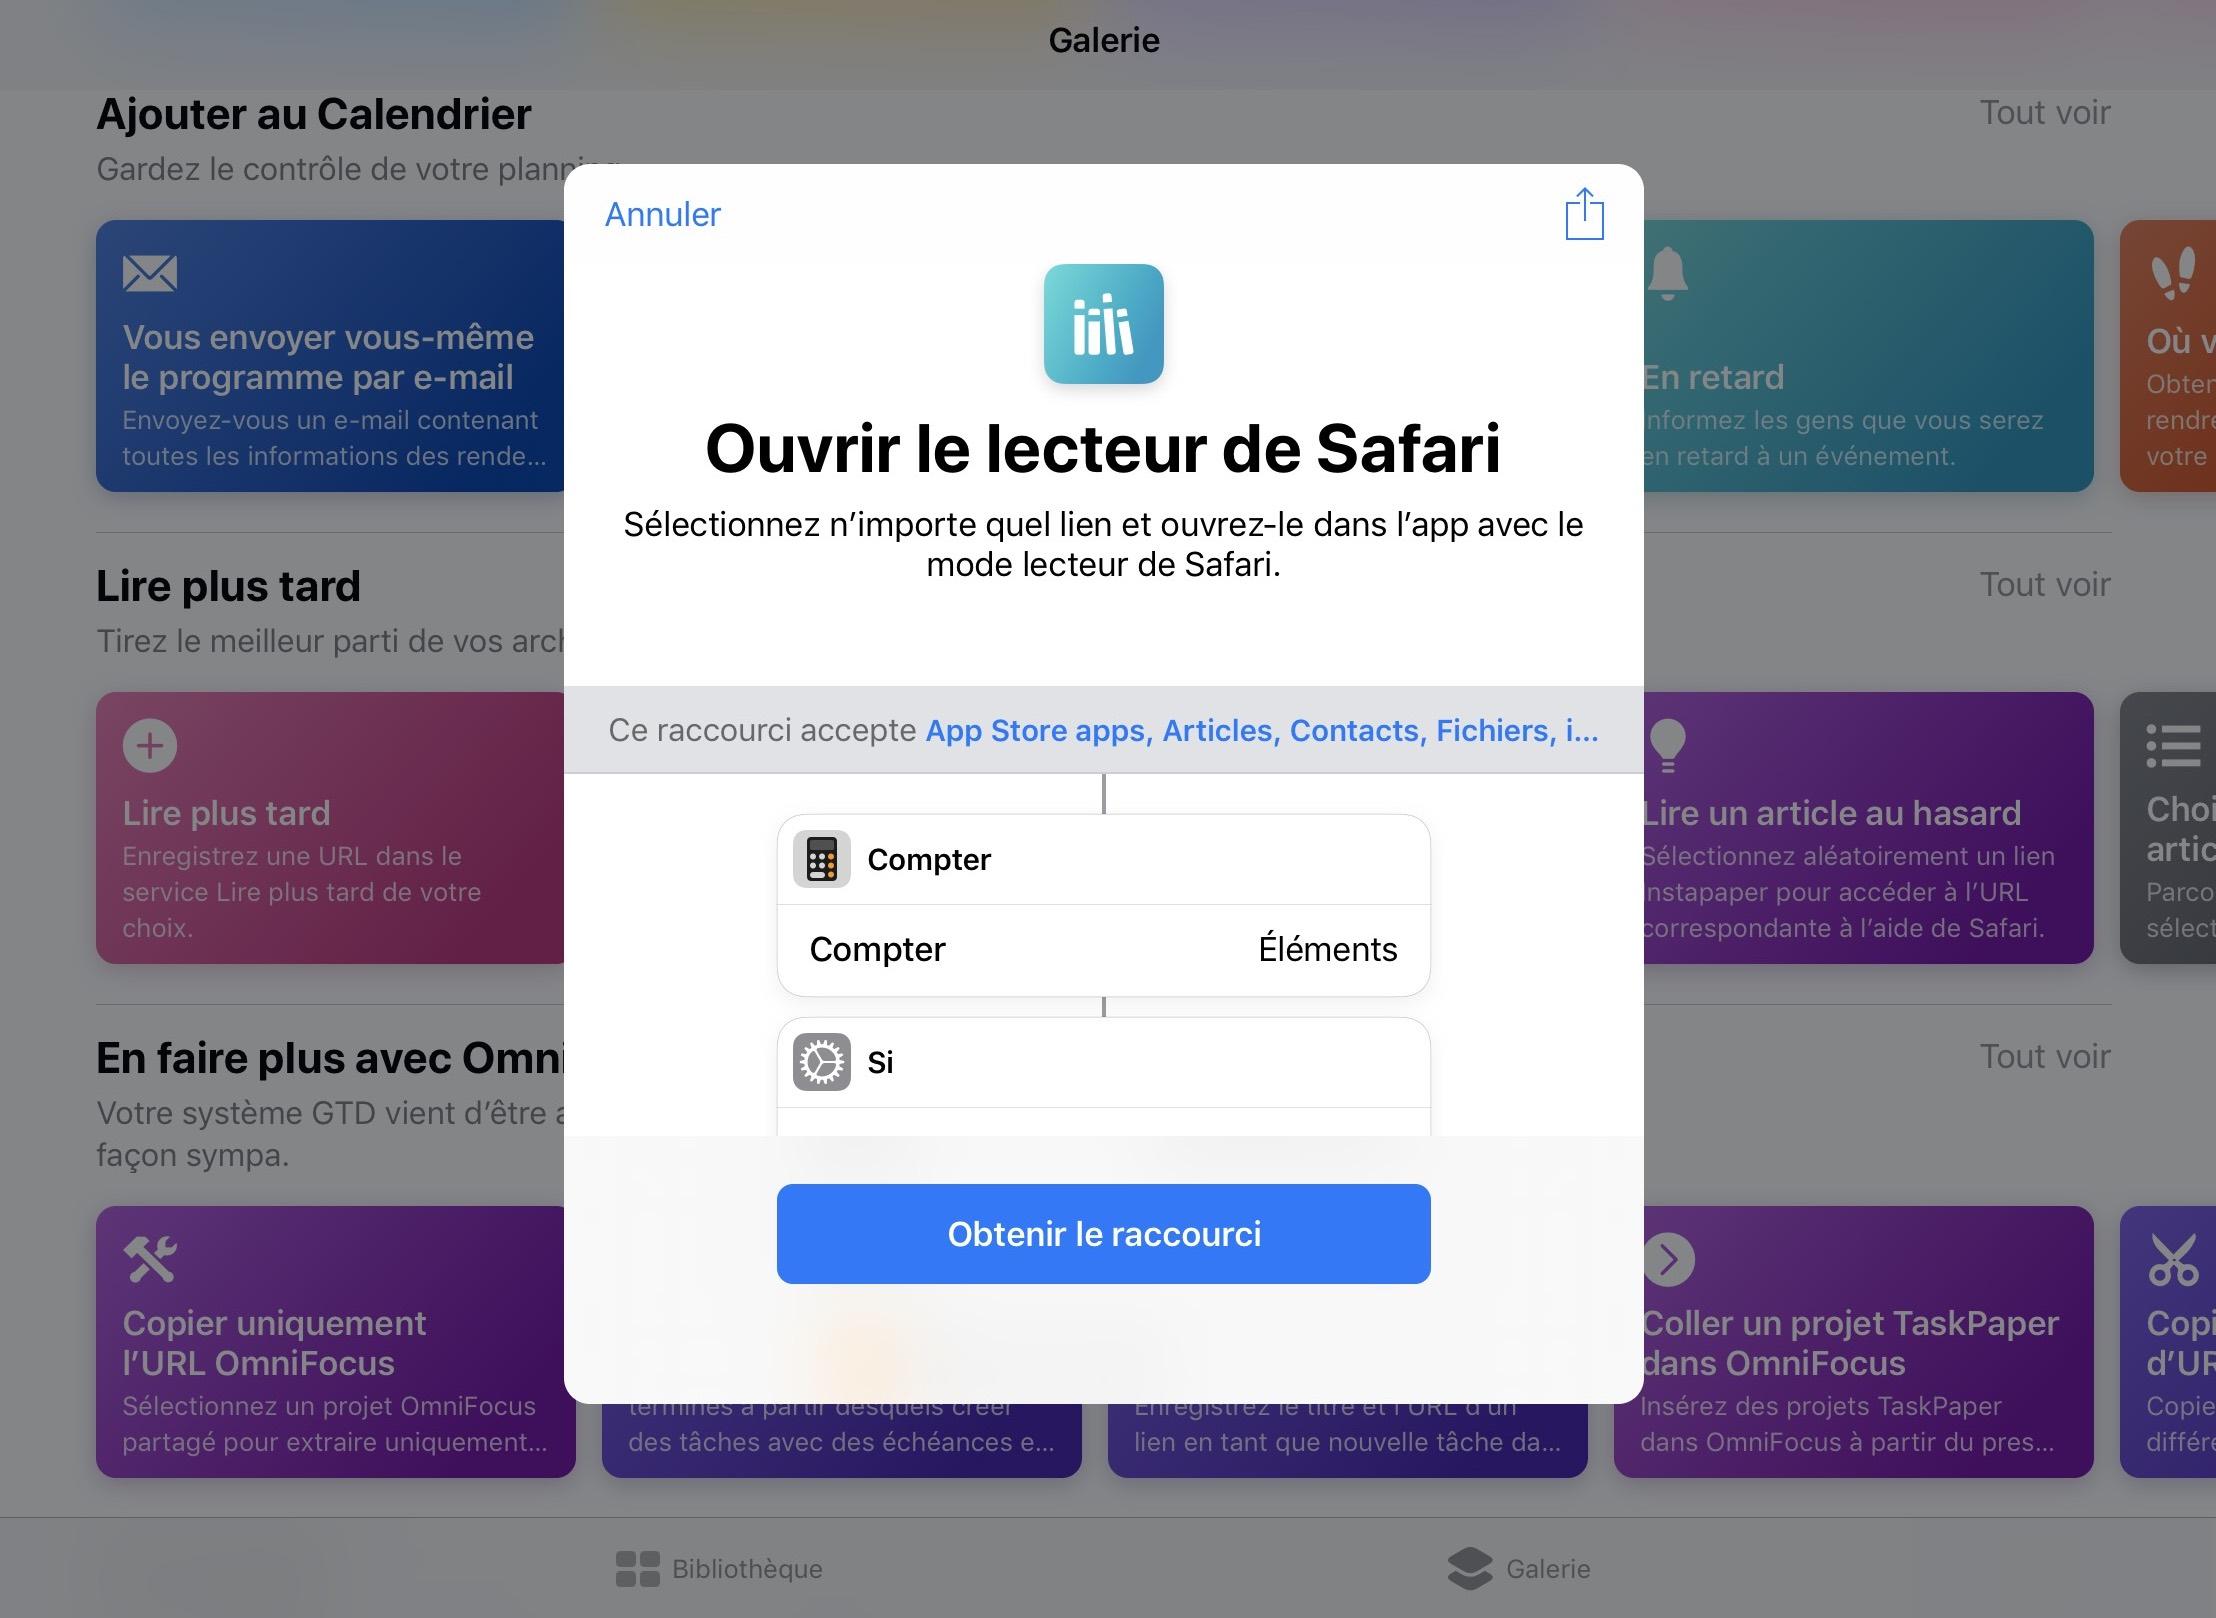 Mise à jour de l'app «Raccourcis» avec de nouvelles fonctions météo, alarme, etc. 1